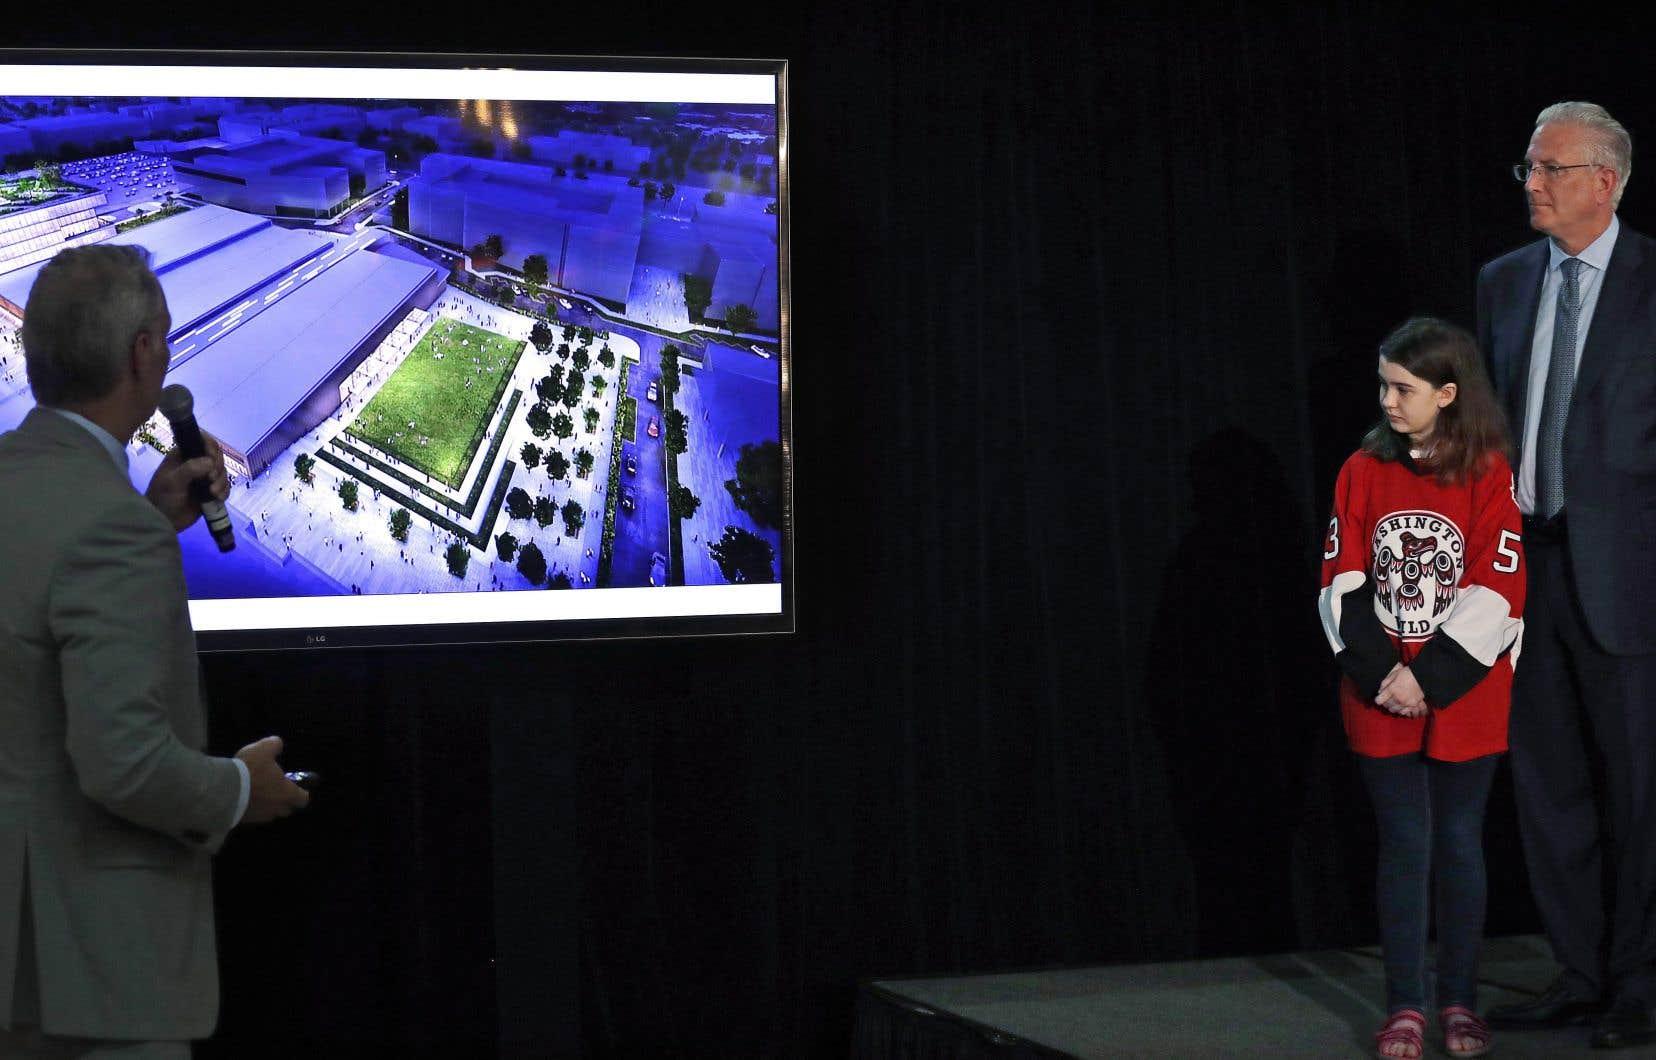 Le KeyArena, qui était le domicile des SuperSonics dans la NBA avant leur départ pour Oklahoma City en 2008, sera rénové au coût de 700millions.